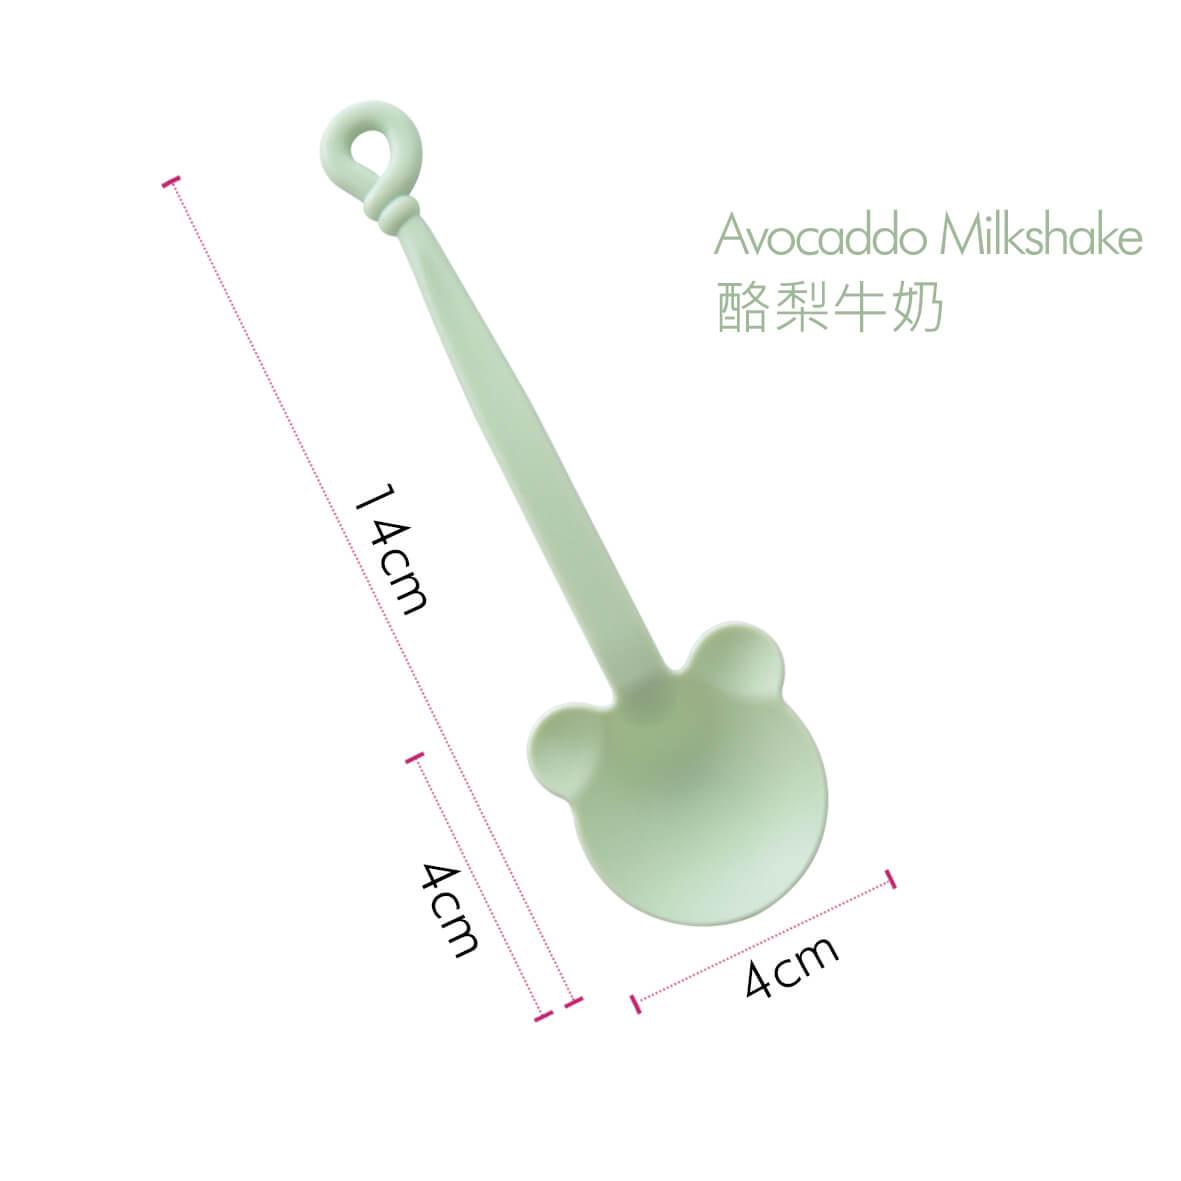 Avocaddop Milkshake-BearSpoon